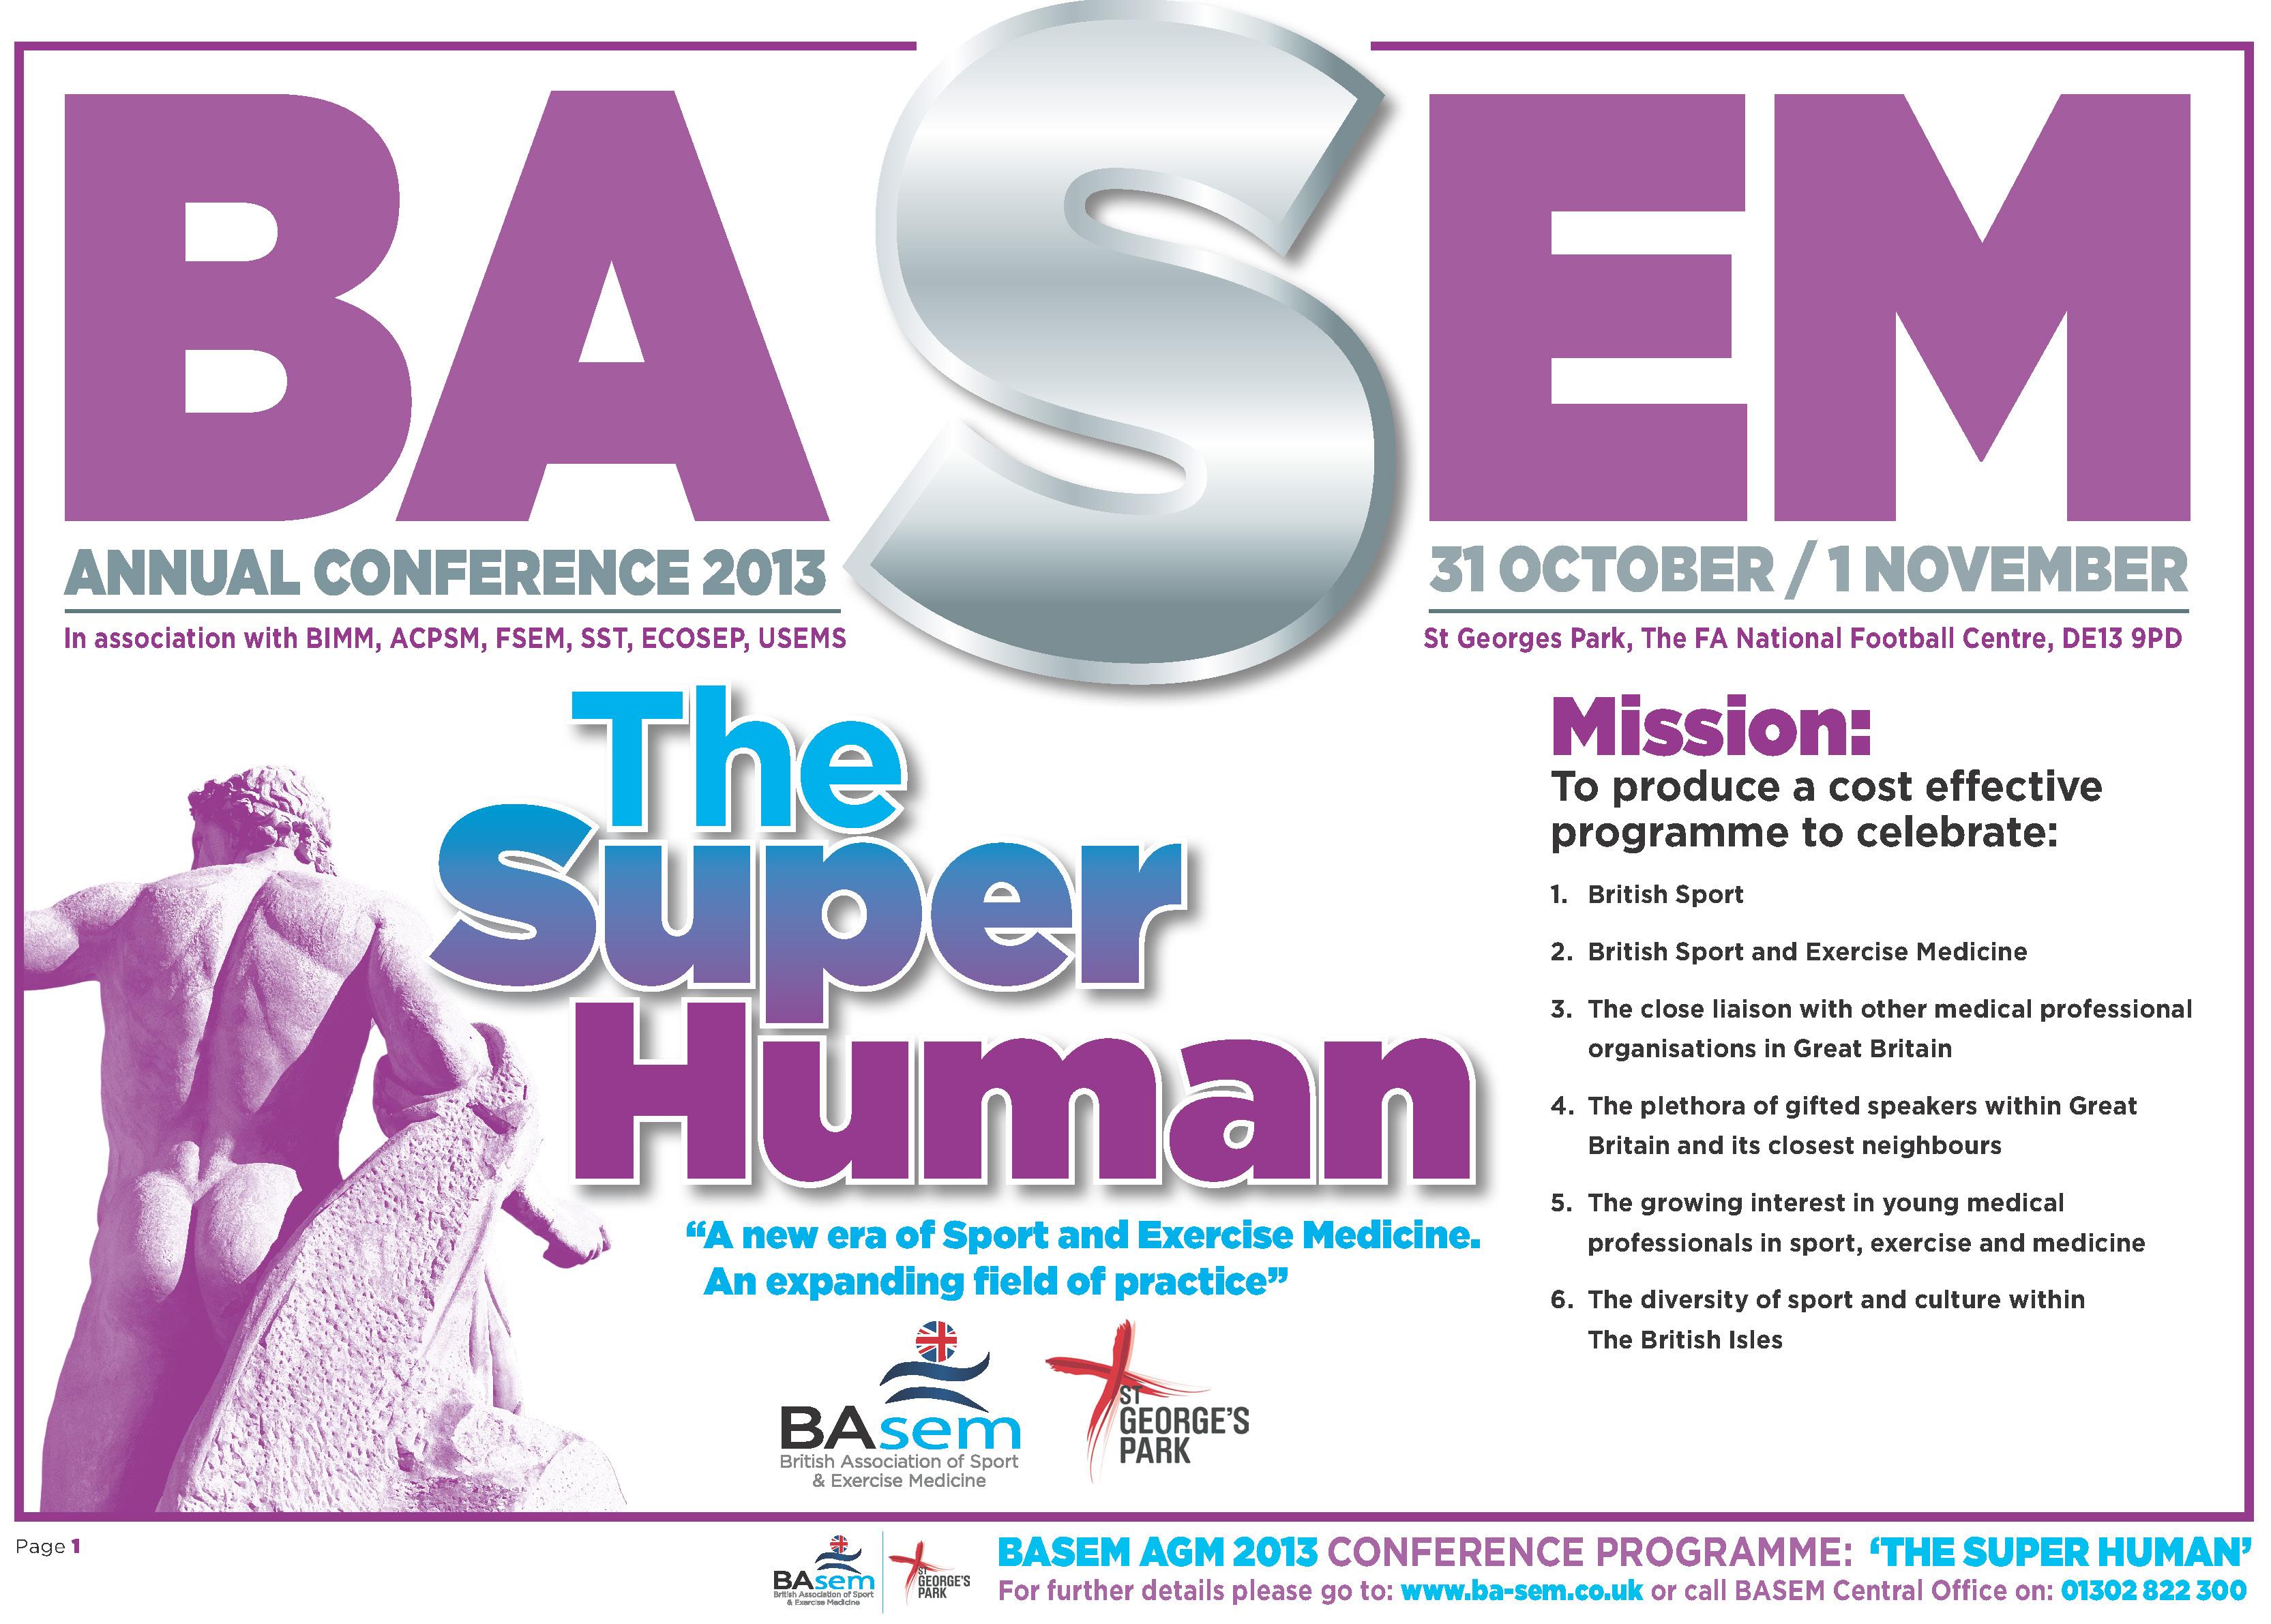 BASEM_2013_ConferenceProg_V10-4_Page_01